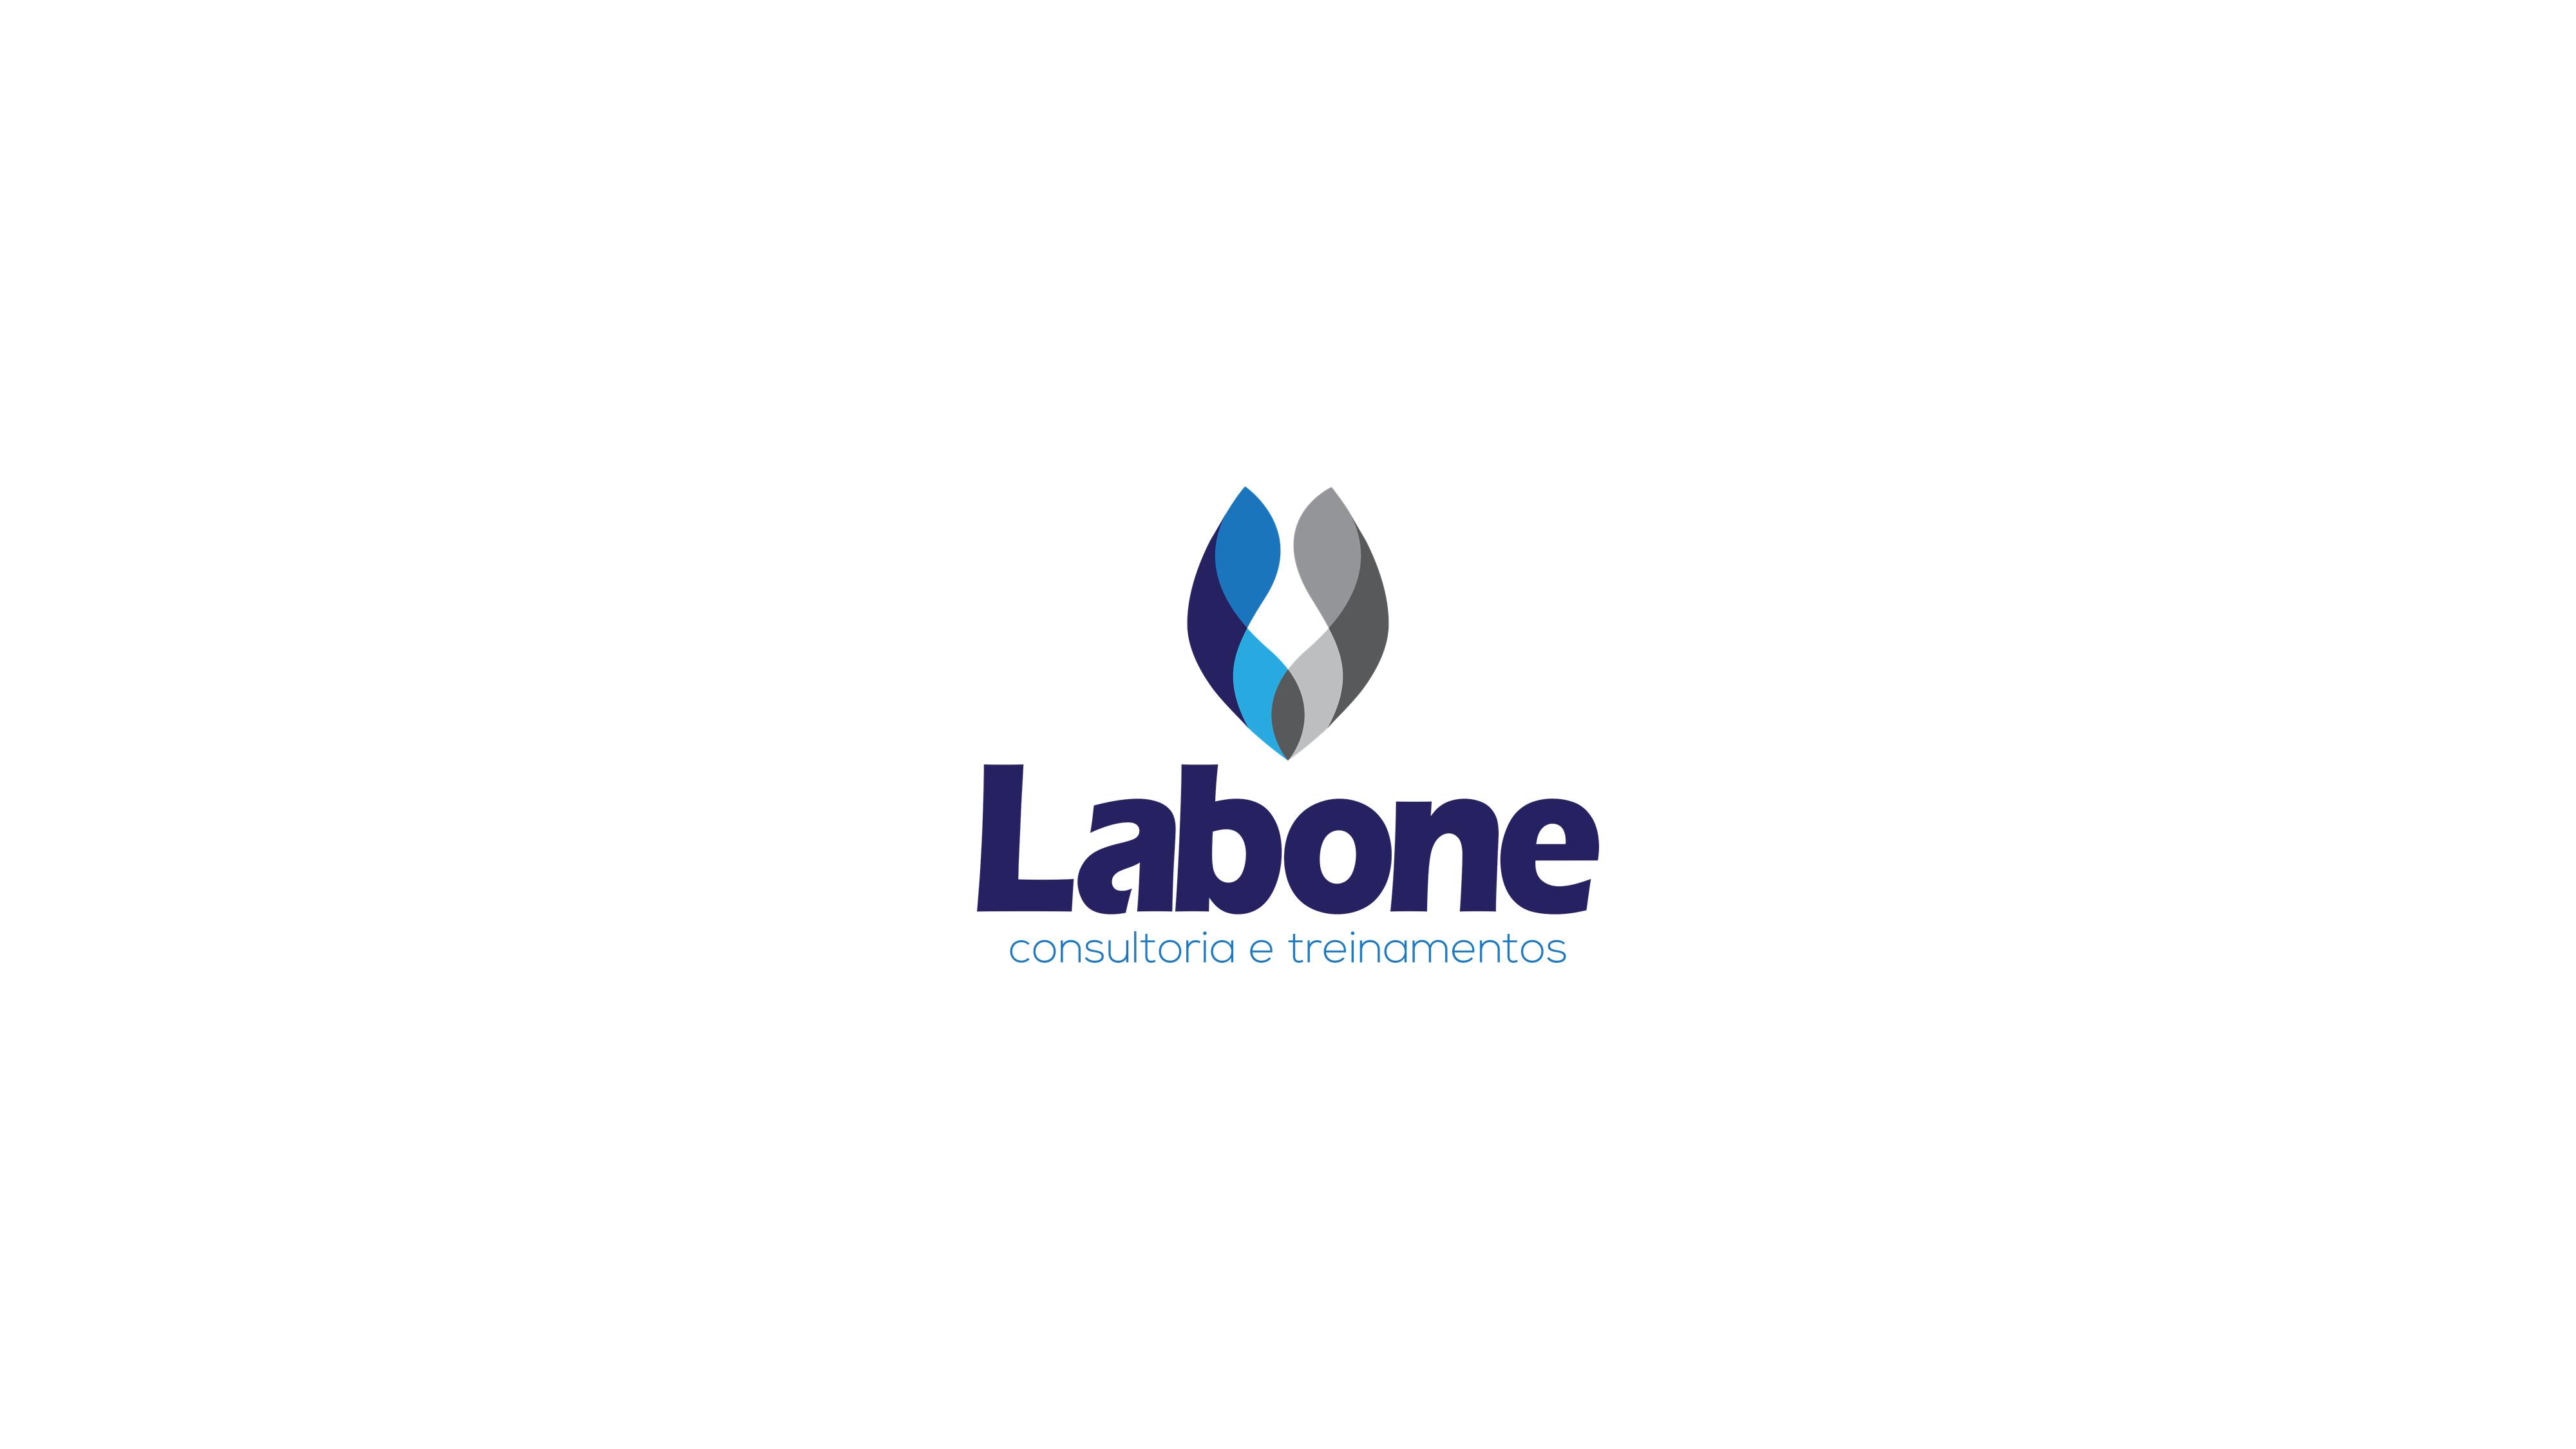 termos de uso da Labone